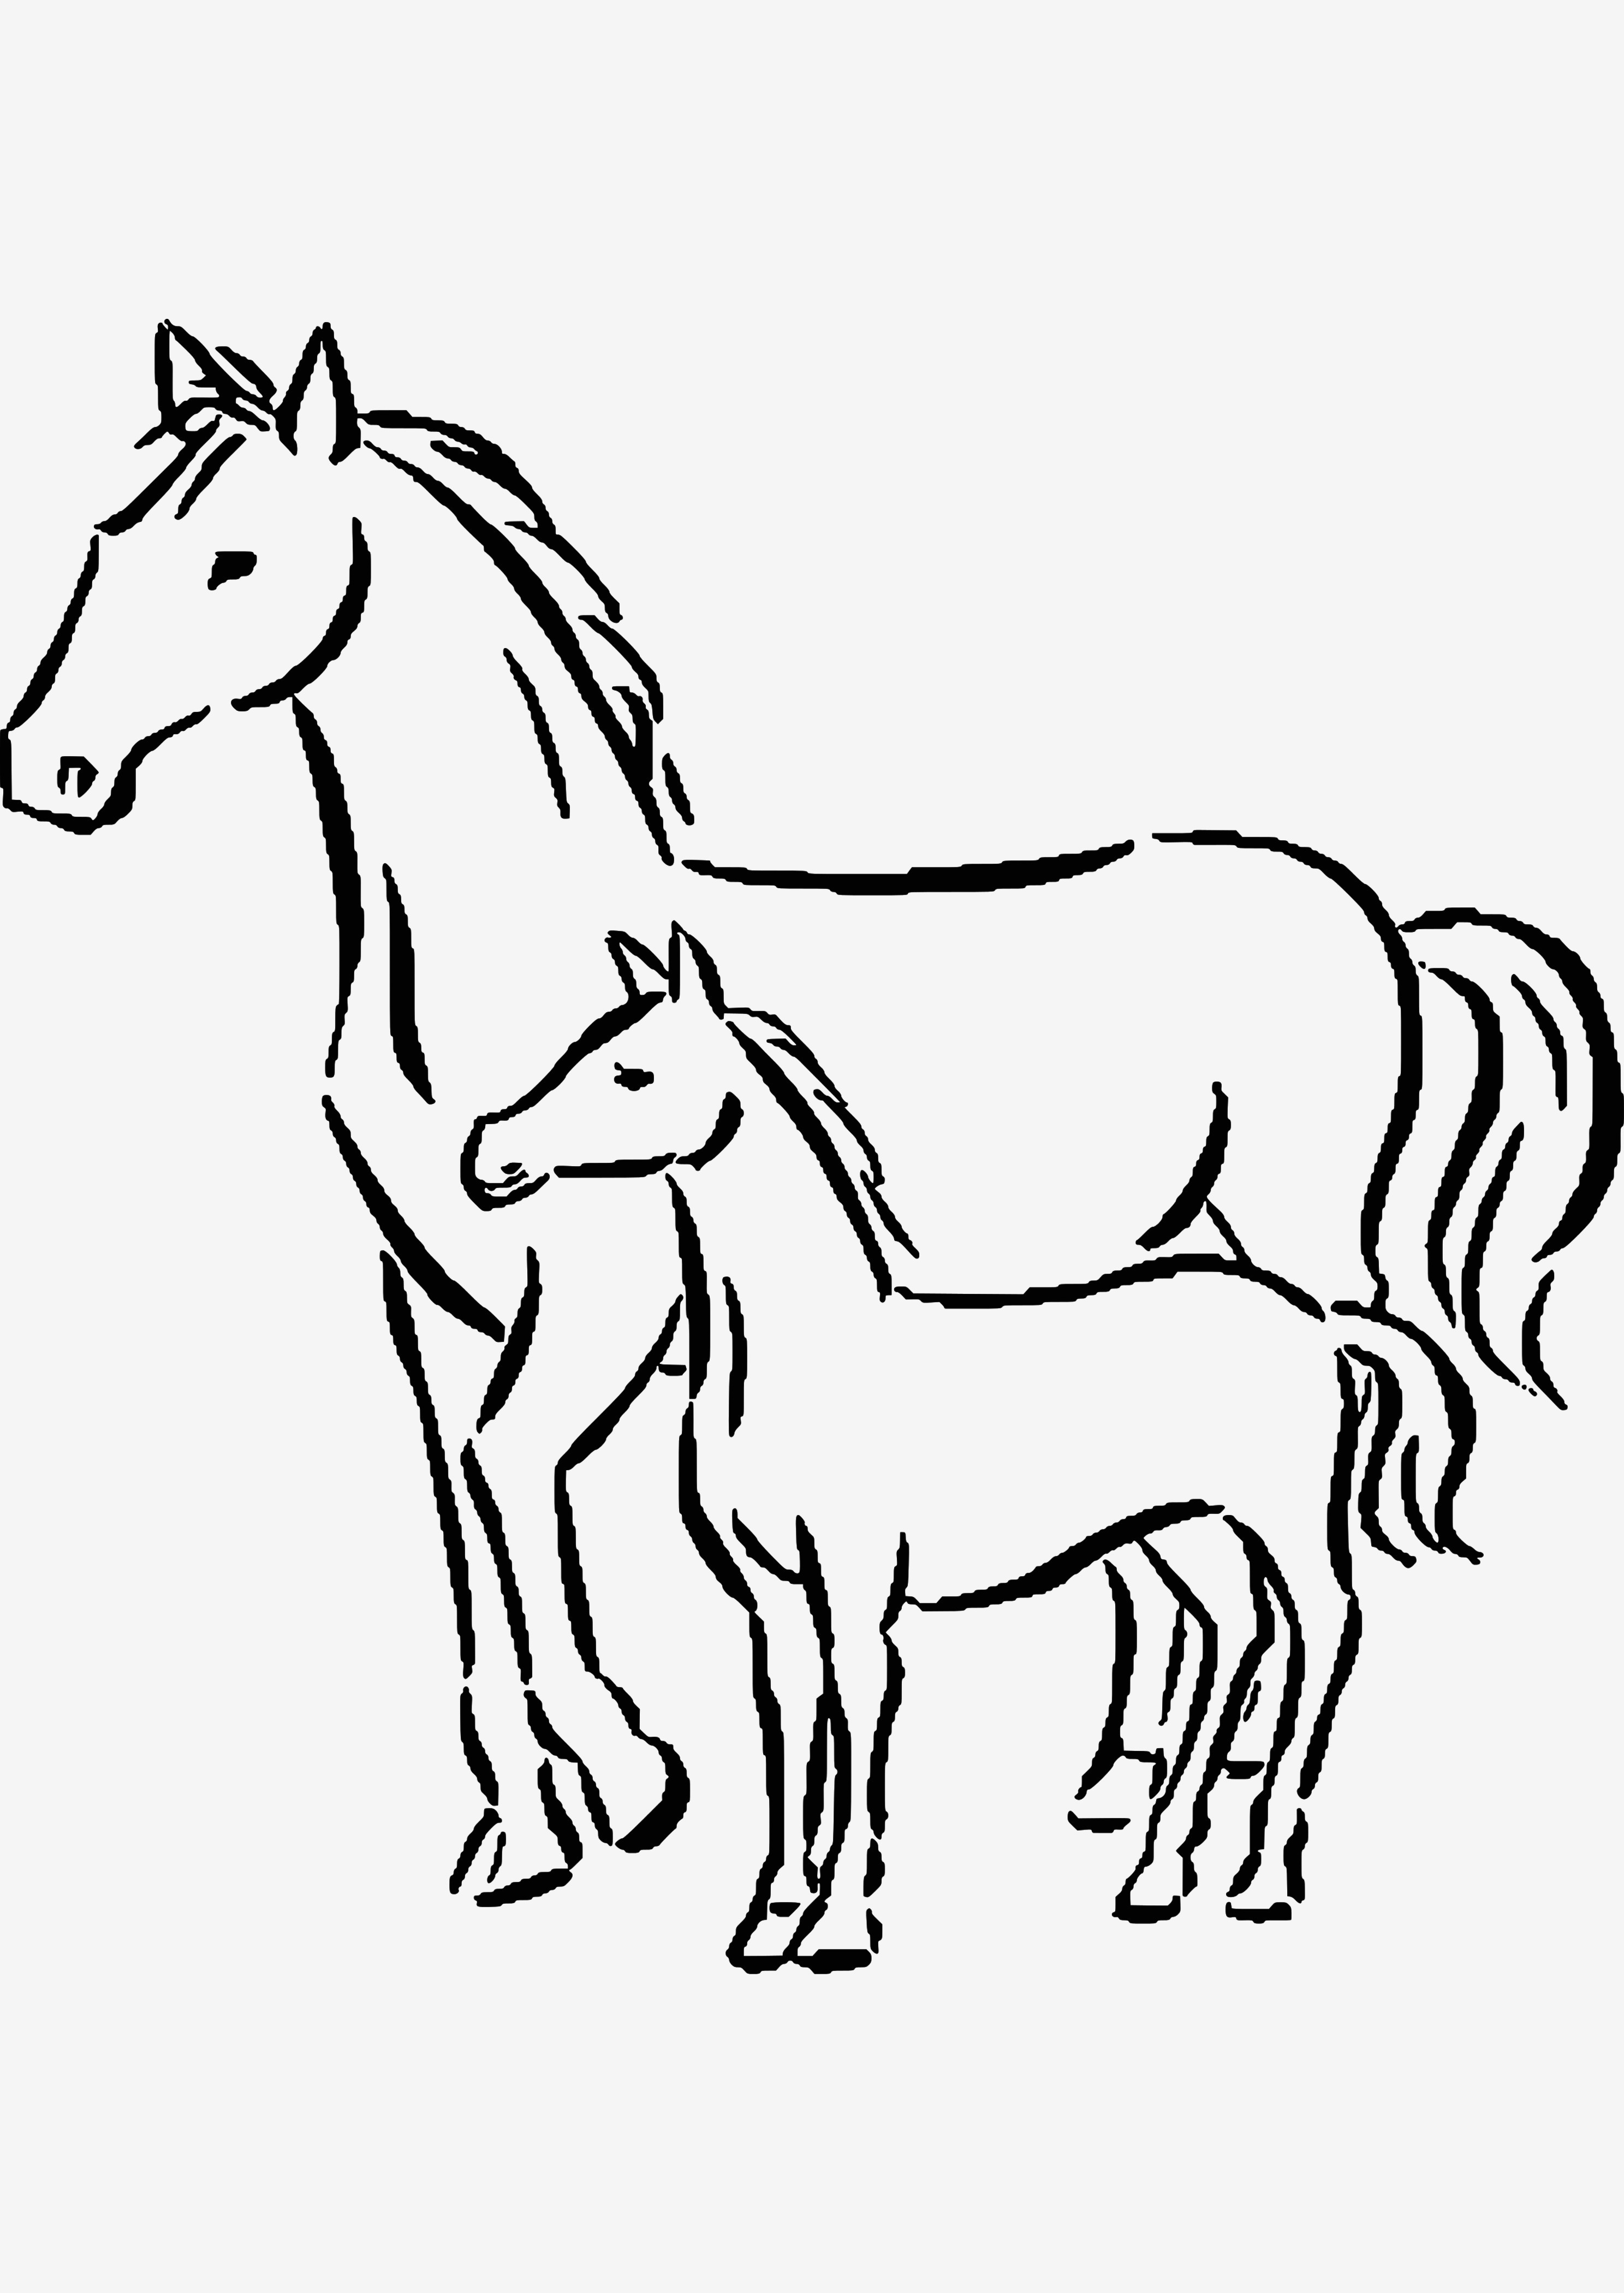 Ausmalbilder Pferde Mit Fohlen Inspirierend 48 Best Kostenlose Ausmalbilder Pferde Malvorlagen Sammlungen Das Bild